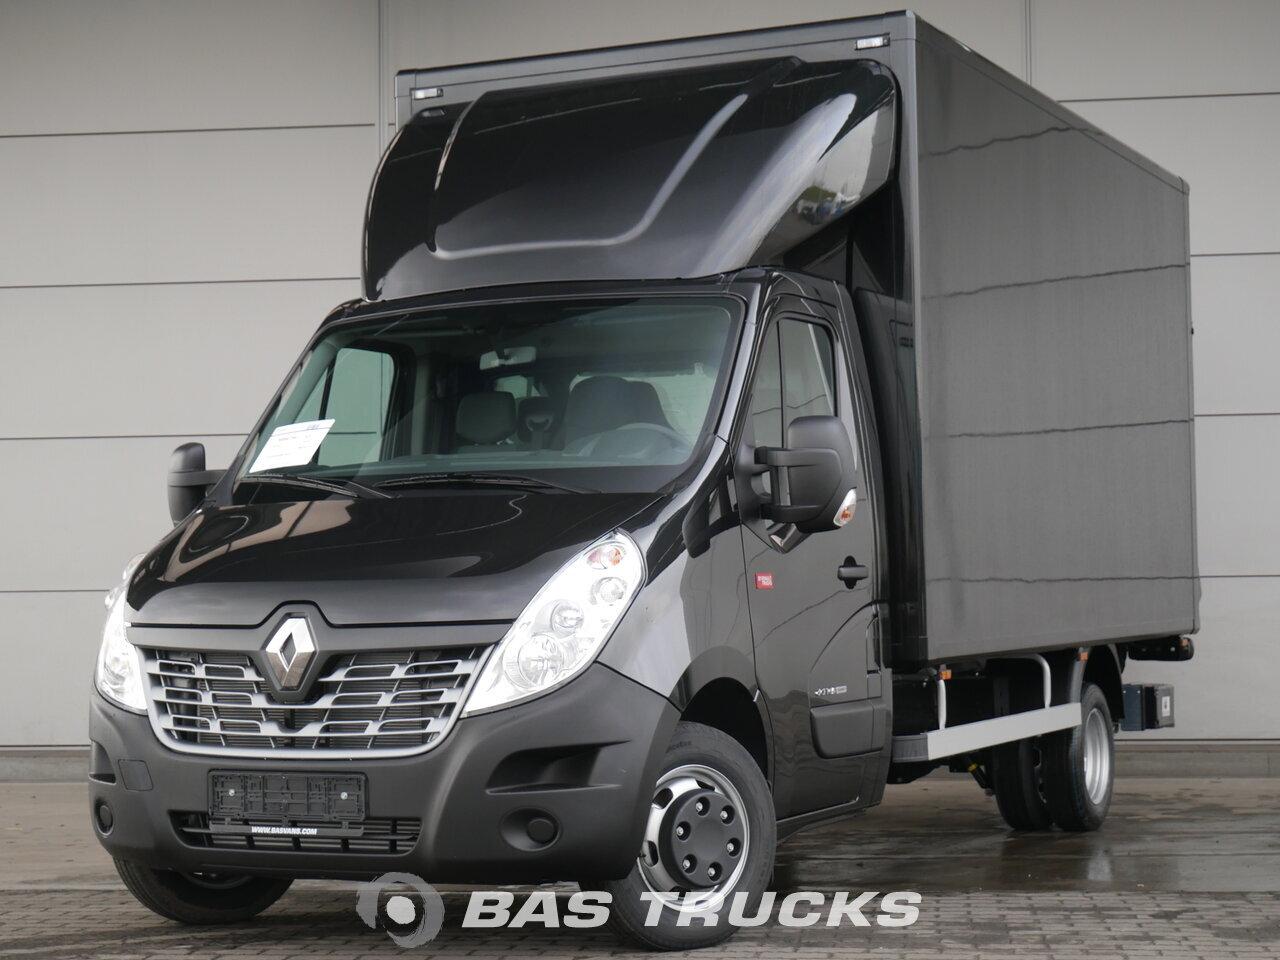 renault master light commercial vehicle 38900 bas trucks. Black Bedroom Furniture Sets. Home Design Ideas